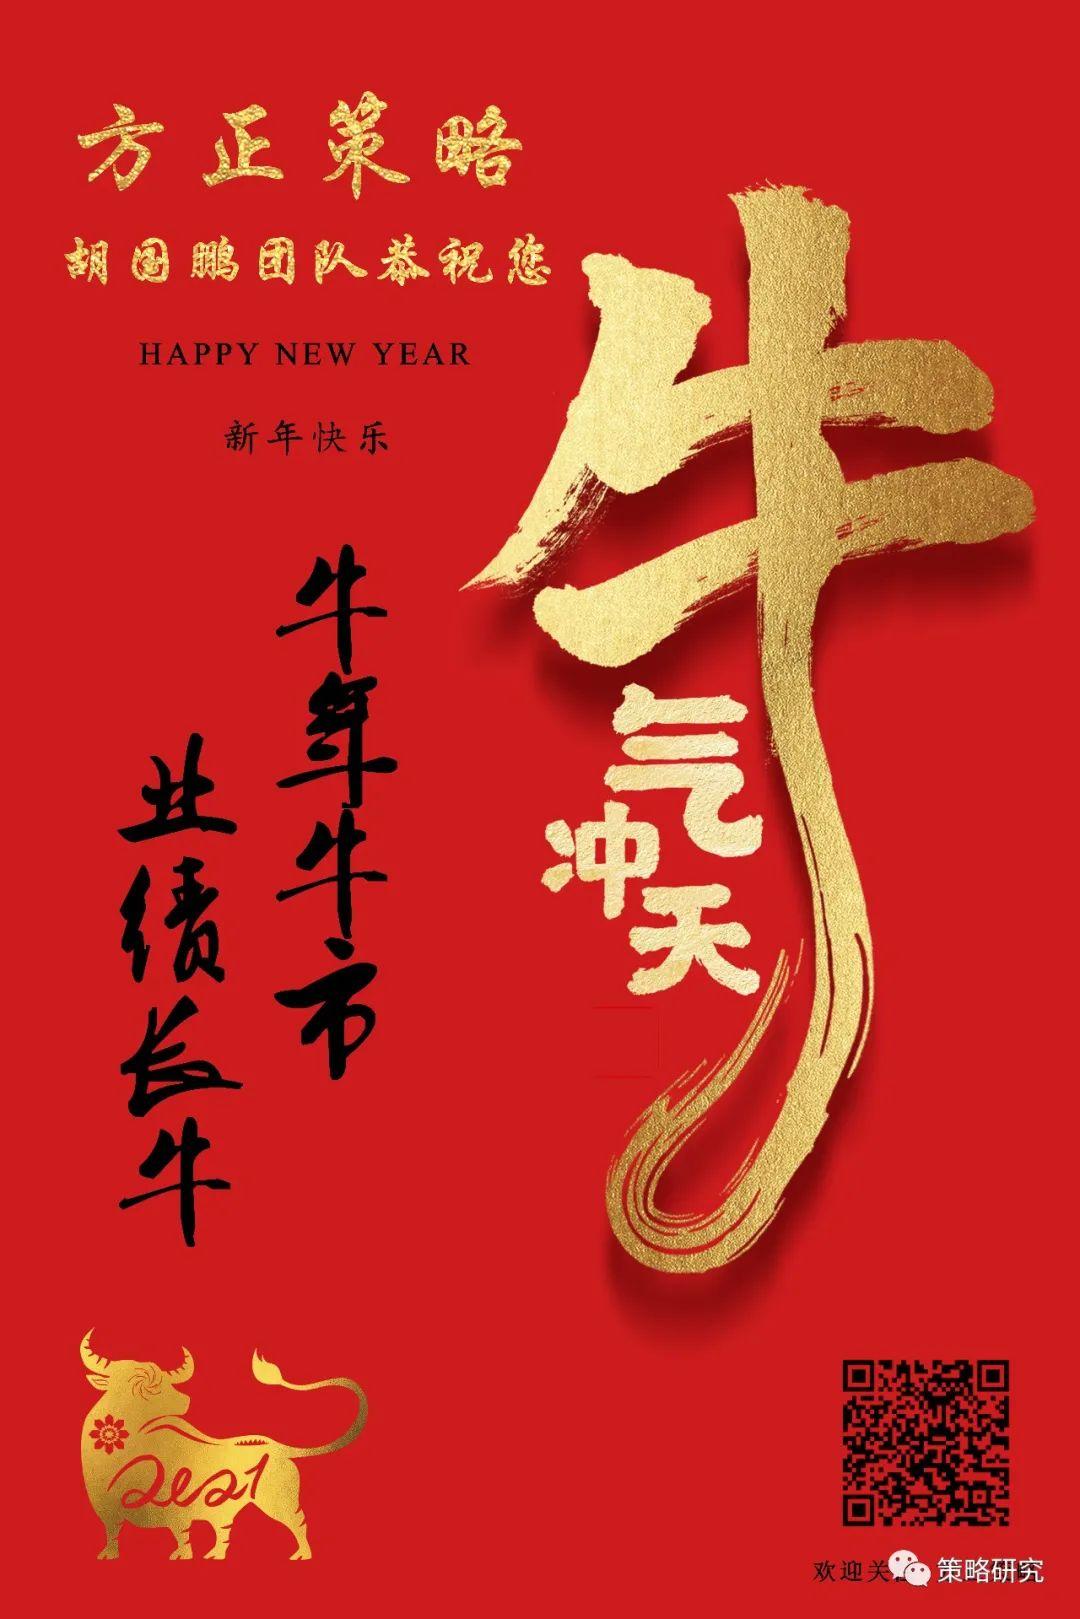 《【杏耀登陆注册】【方正策略】胡国鹏团队恭祝您新年快乐!》